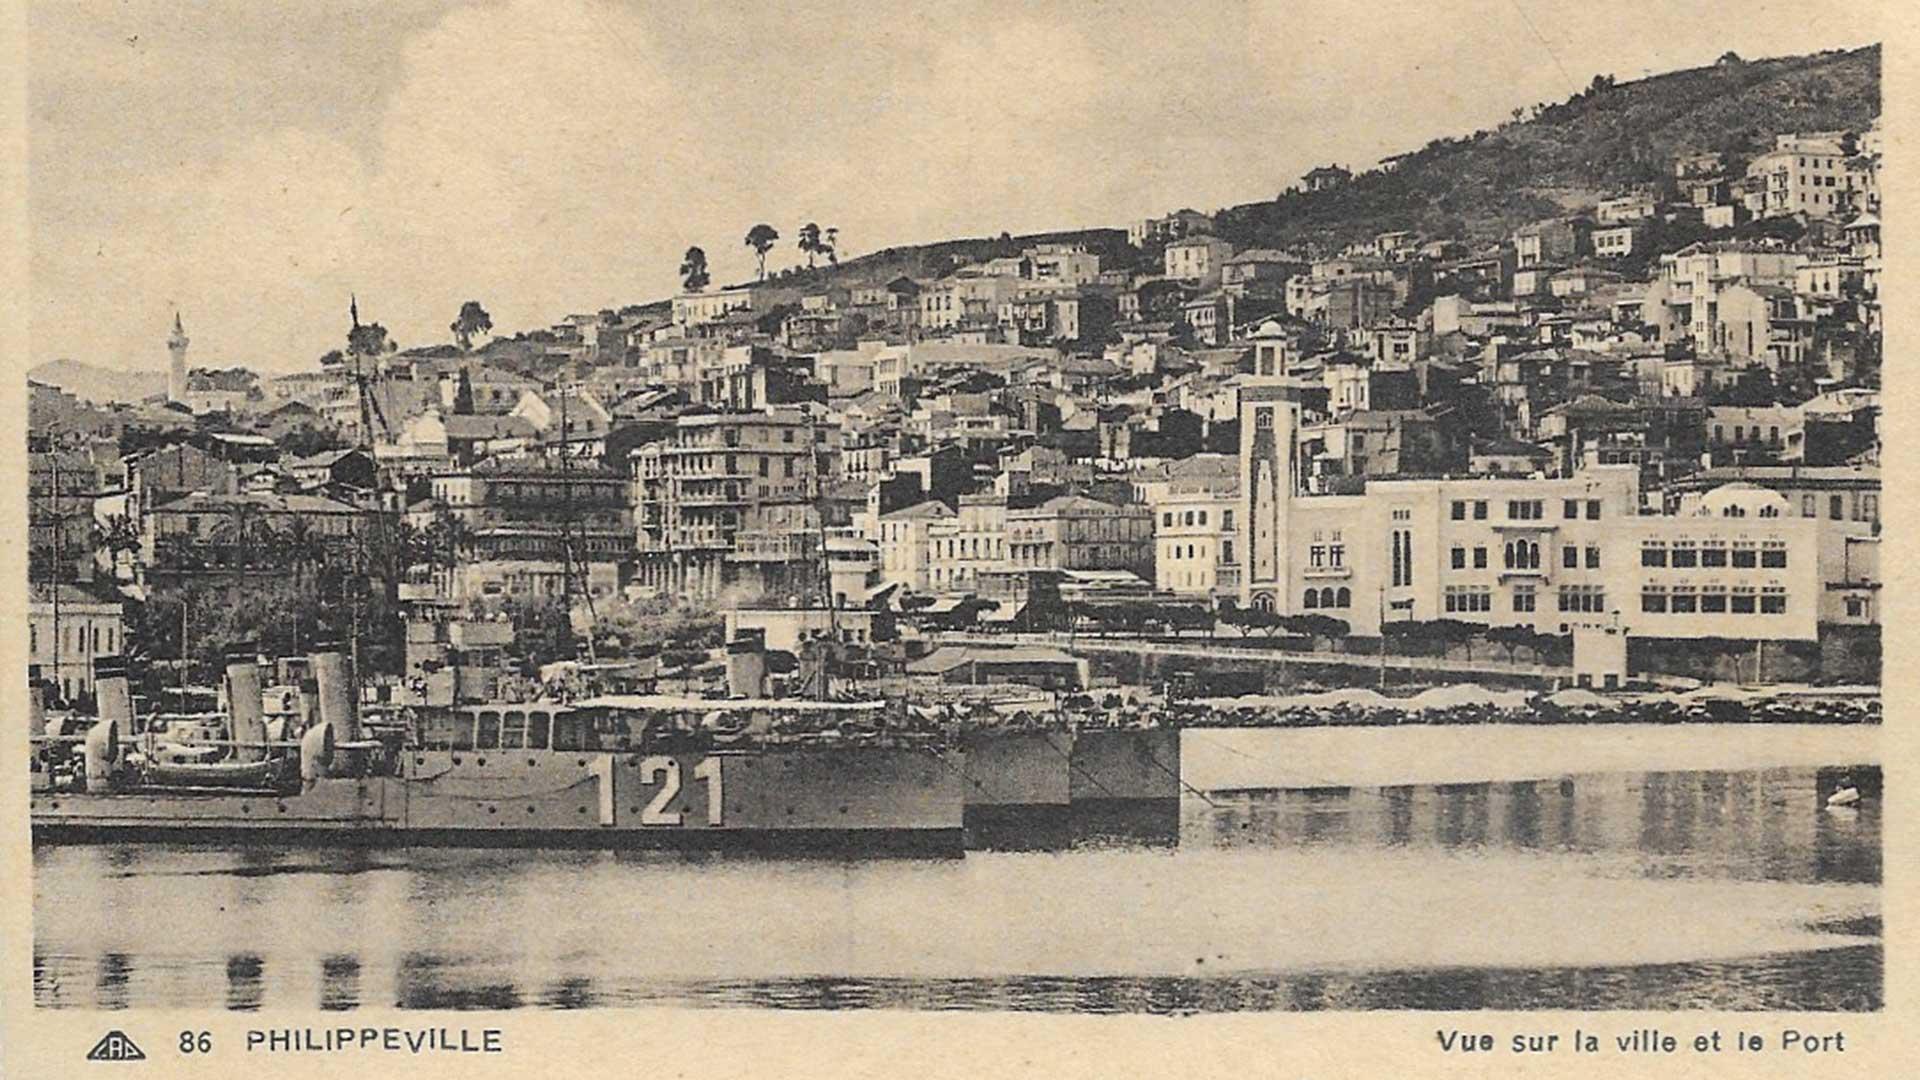 Port-de-Philippeville-3